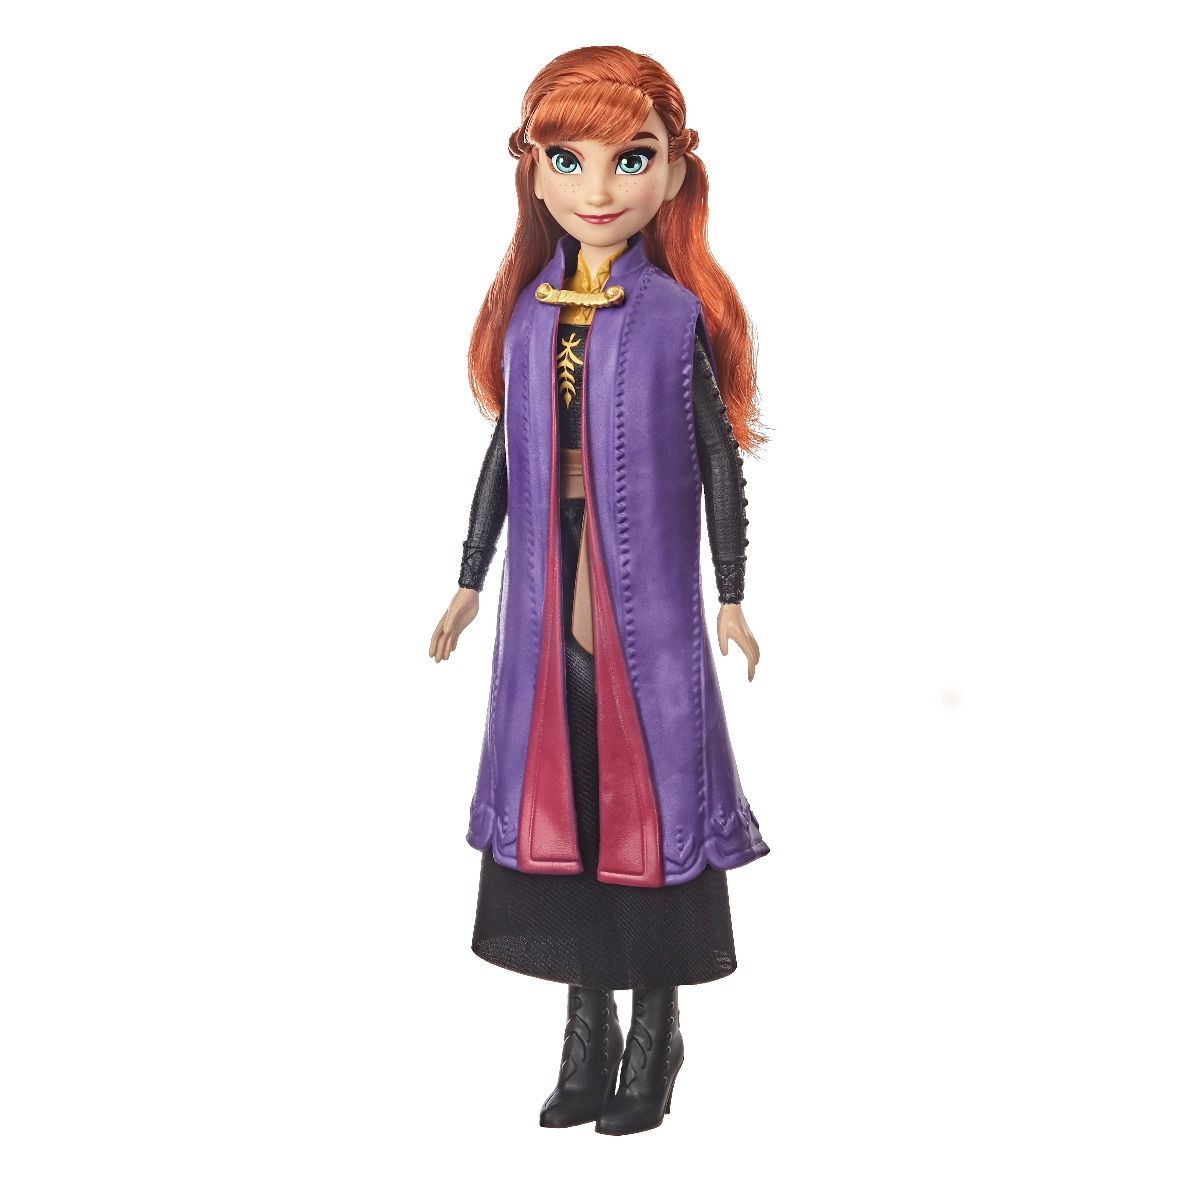 Papusa Disney Frozen 2, Anna, 28 cm